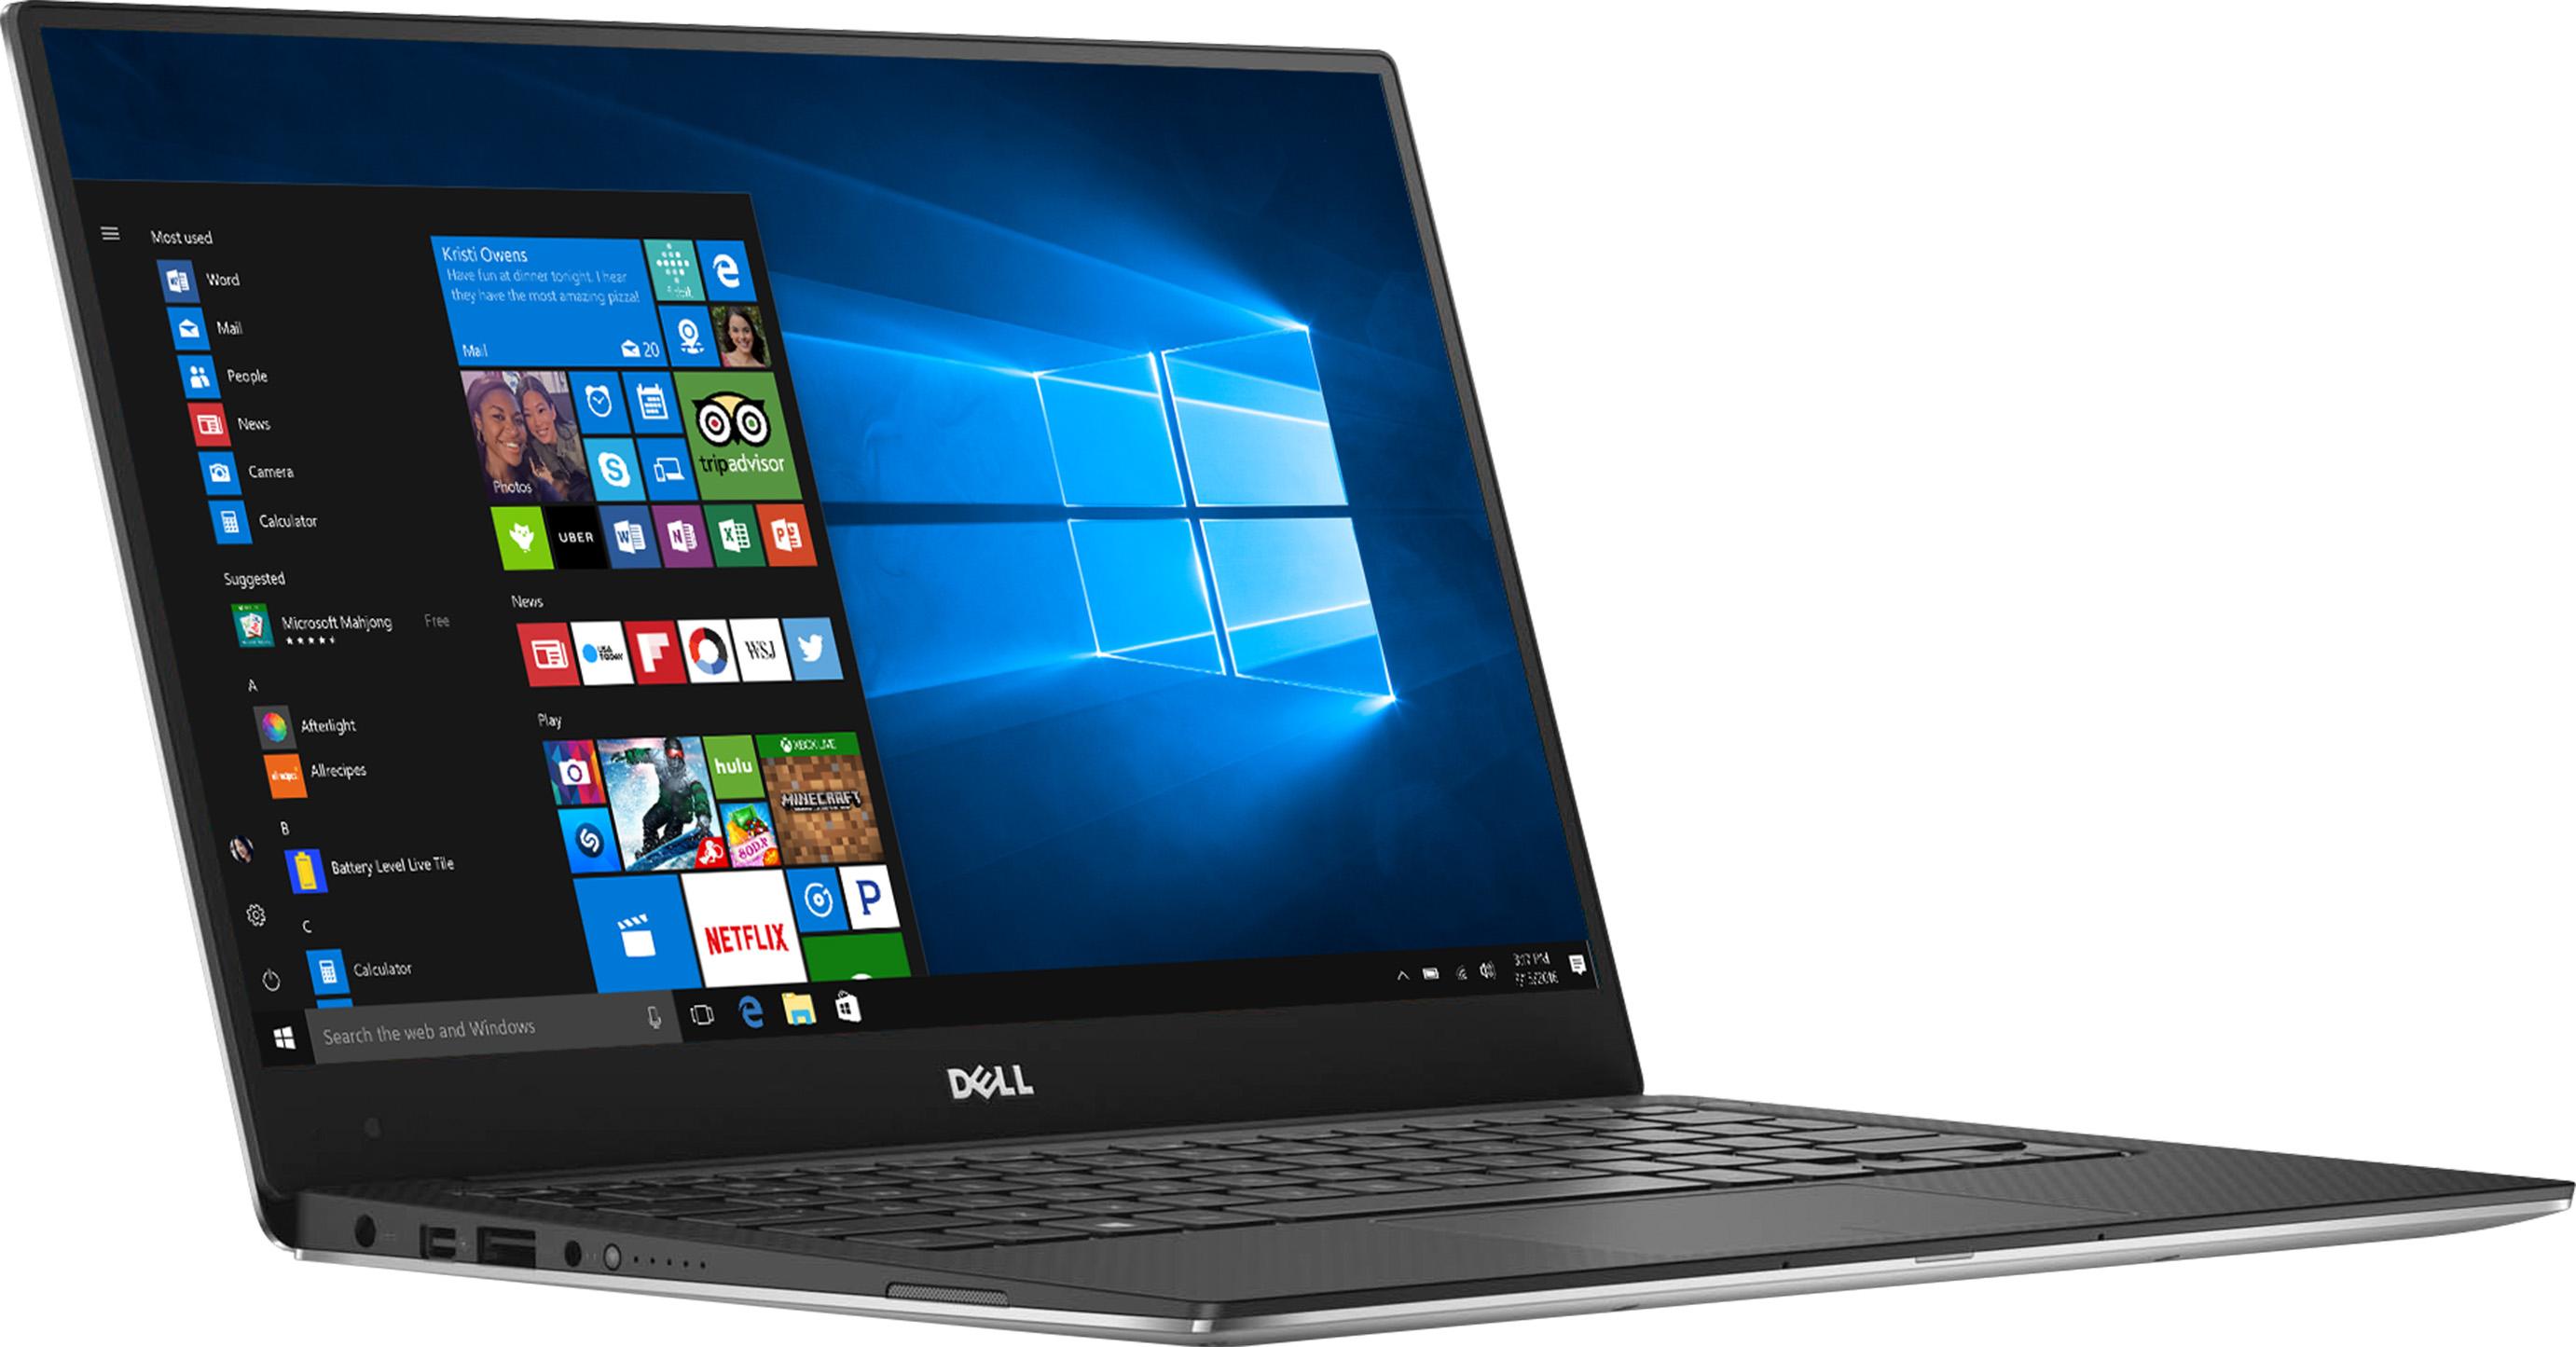 Dell XPS 15 9550-0000SLV Core i5 256GB Signature Edition Laptop